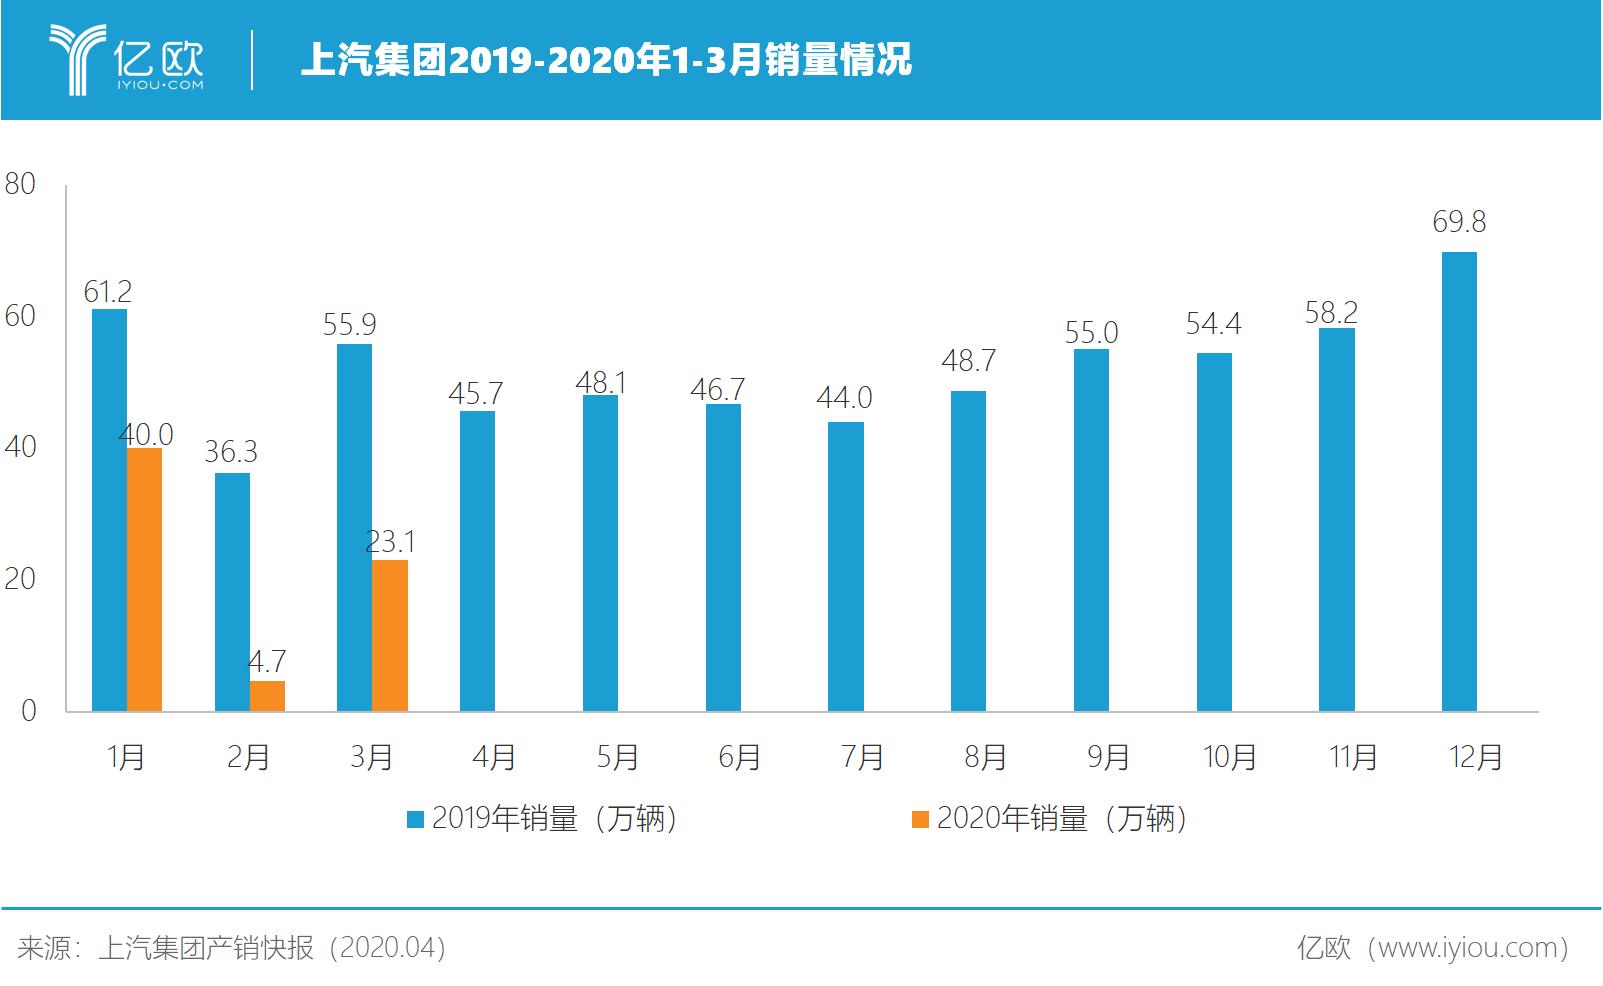 上汽集团2019-2020年1-3月销量情况